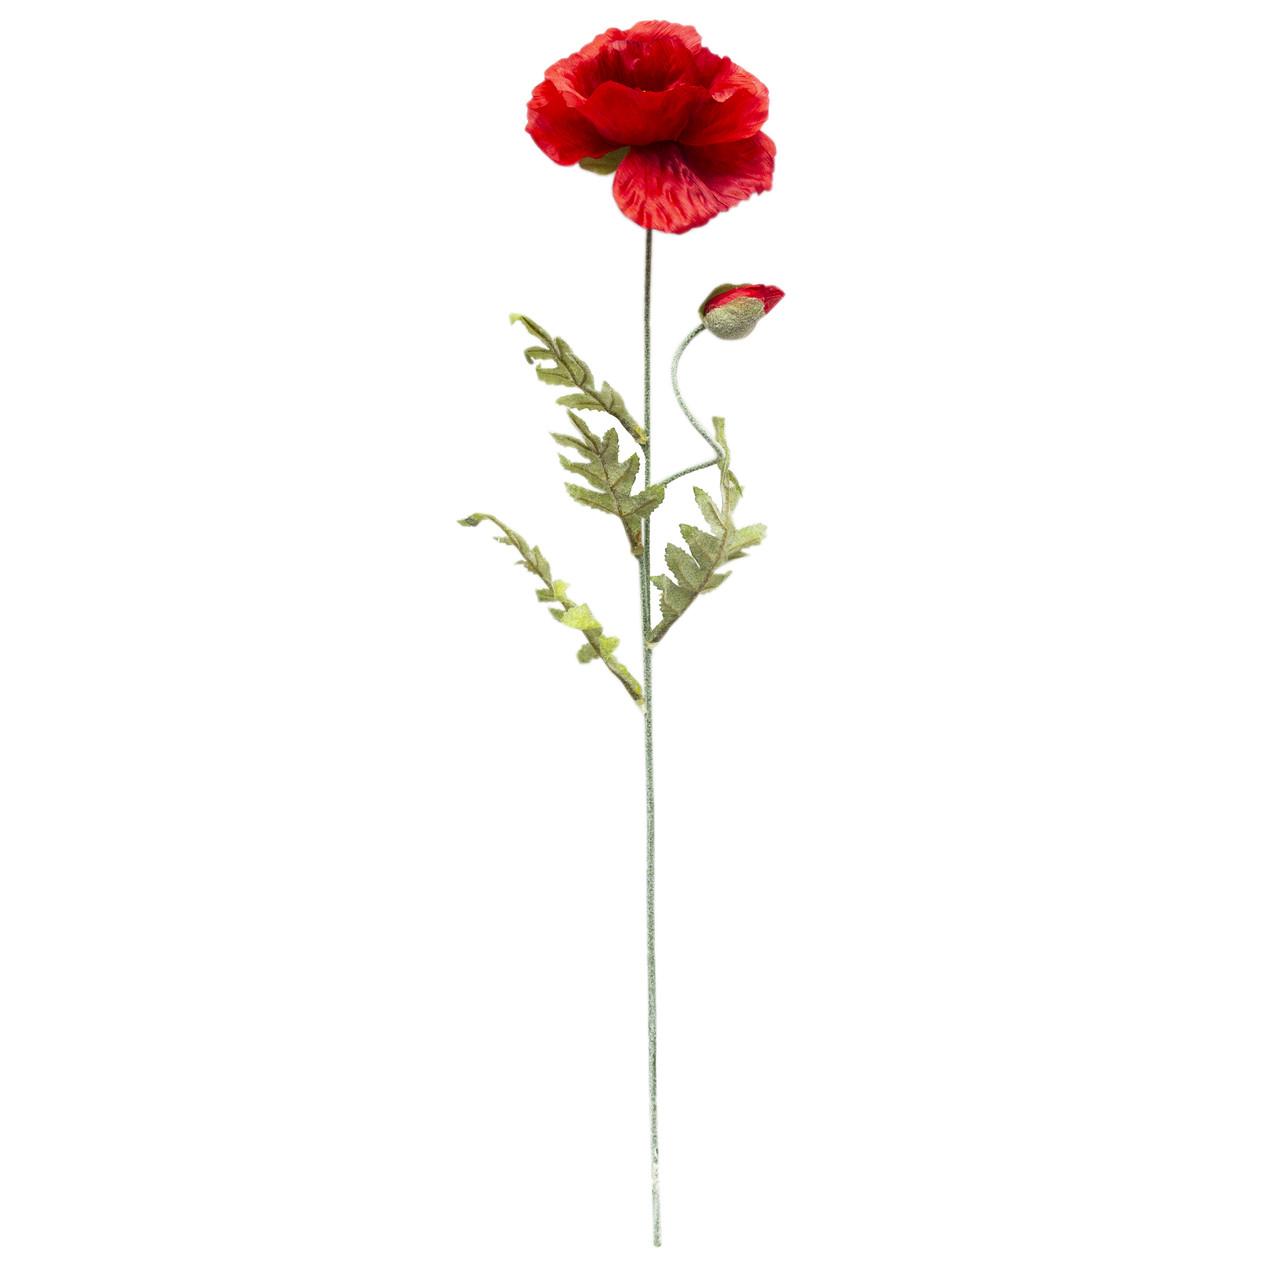 Искусственный цветок Мак - ветка, ткань, пластик, 78 см, красный (630195)